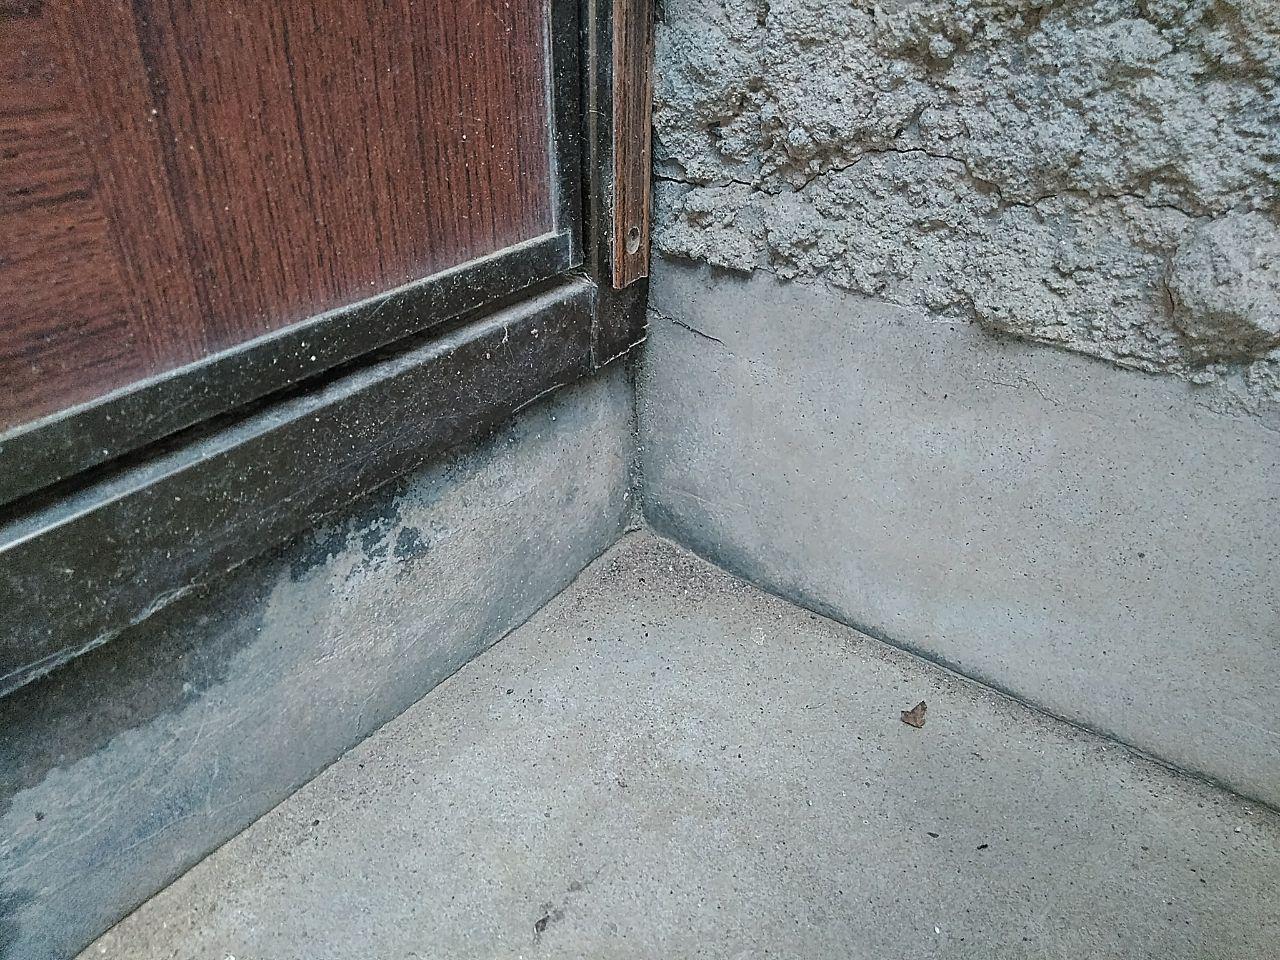 千千葉県松戸市で地震保険申請!住宅のご相談はハートホームに!